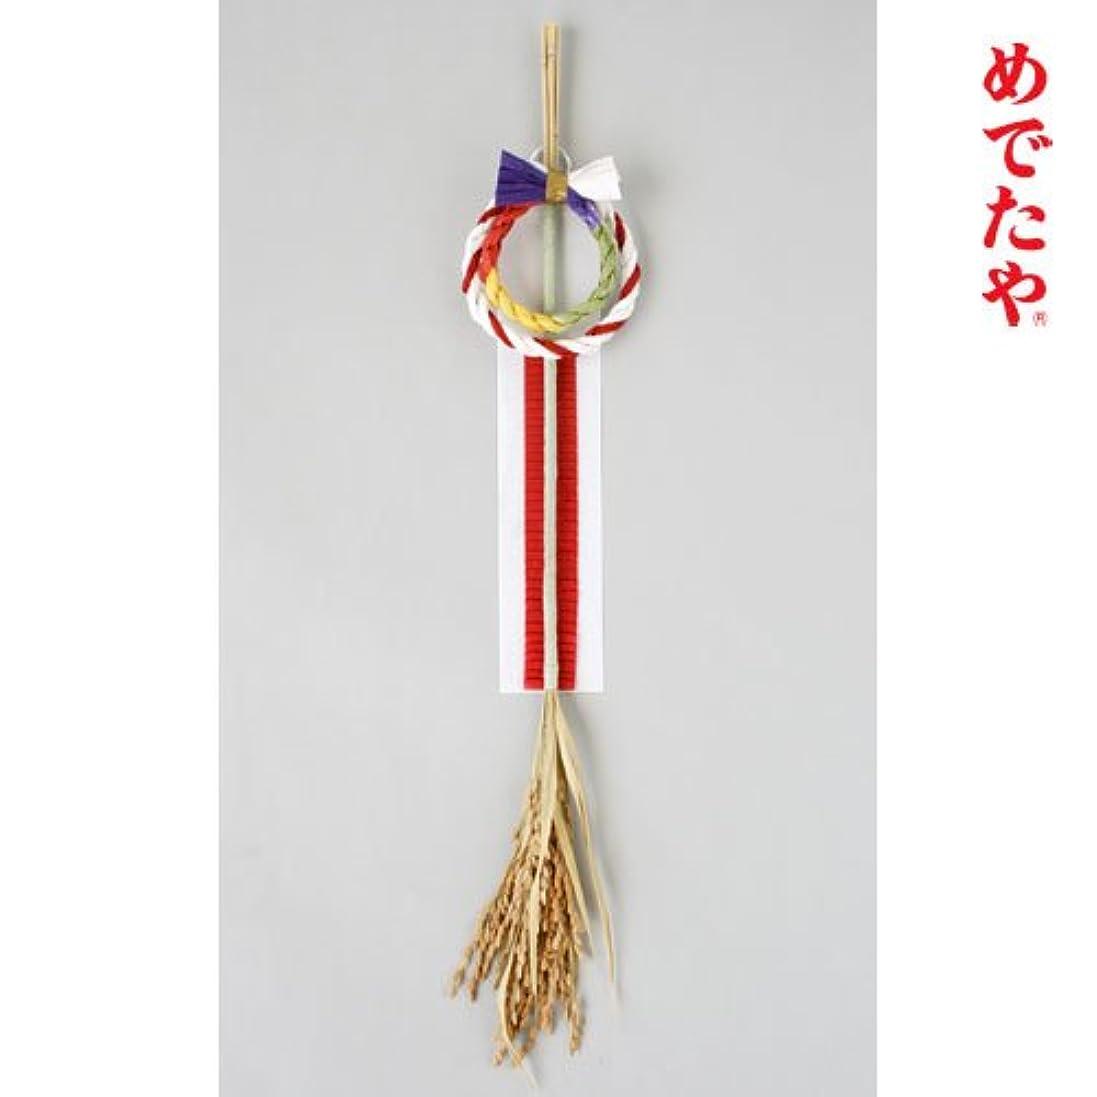 出席とらえどころのないそれによって正月飾り いなほ飾り 五色 めでたや New Year's decoration